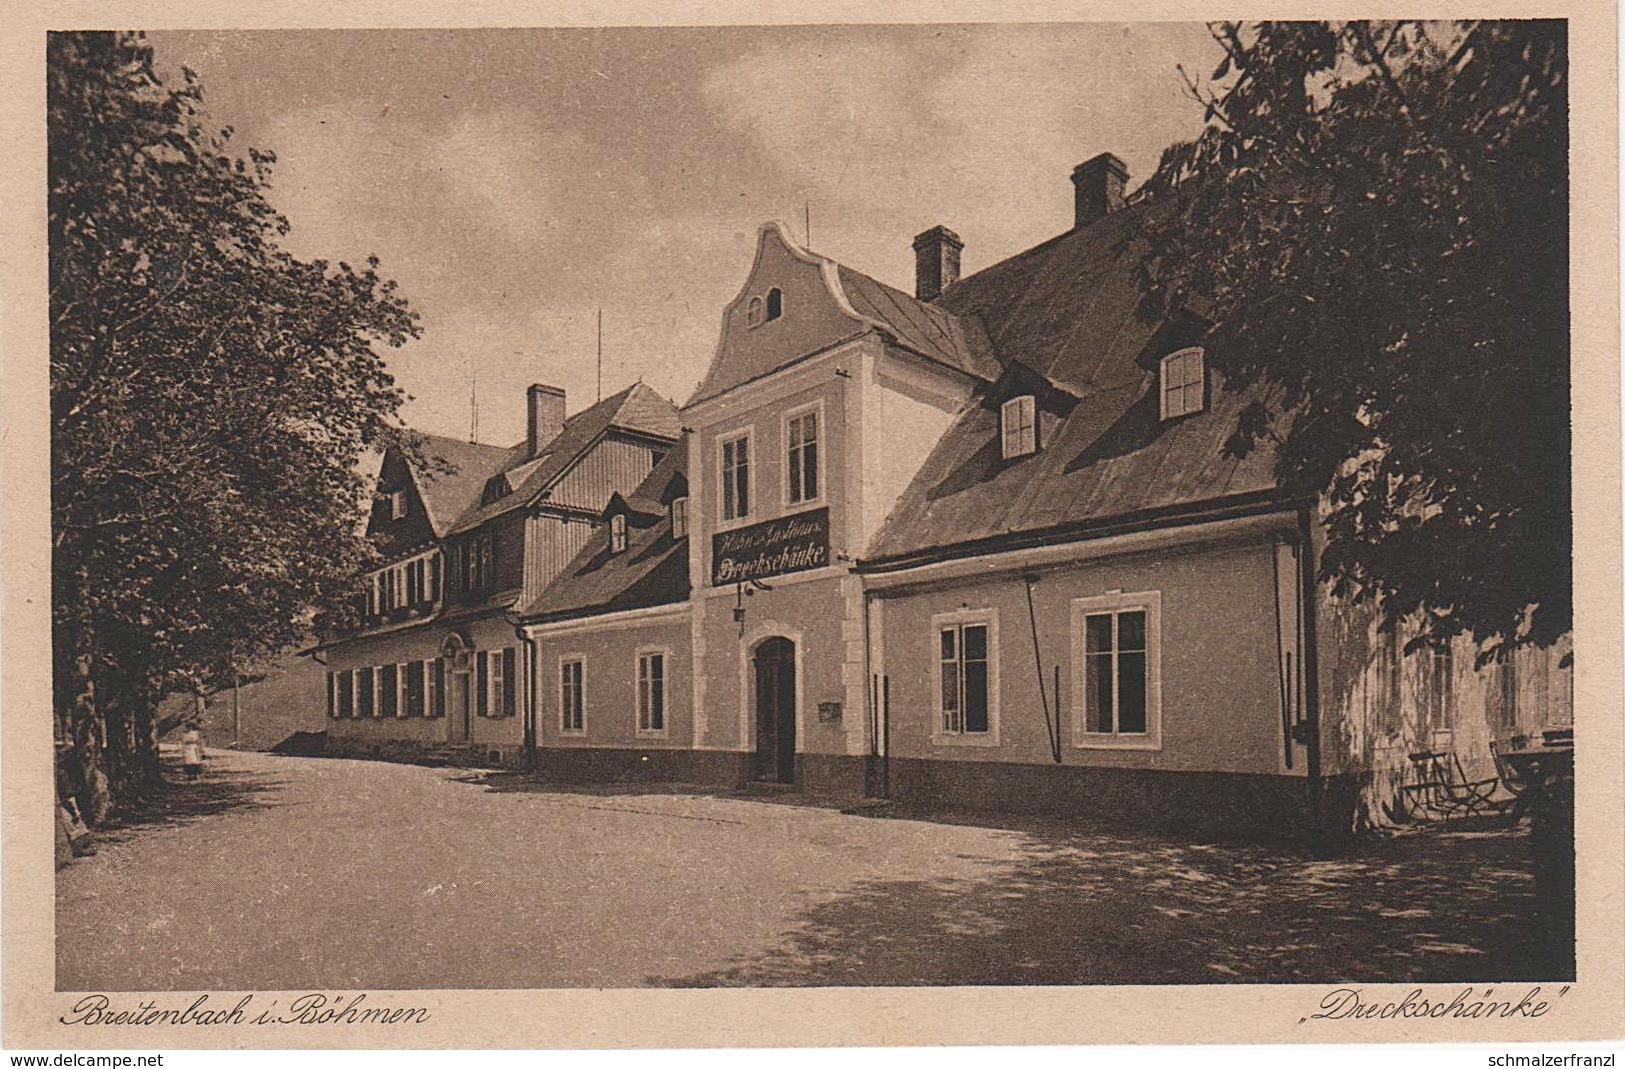 AK Dreckschänke Gasthof Erzgebirge A Breitenbach Potucky Johanngeorgenstadt Ziegenschacht Platten Bärringen Abertham - Sudeten